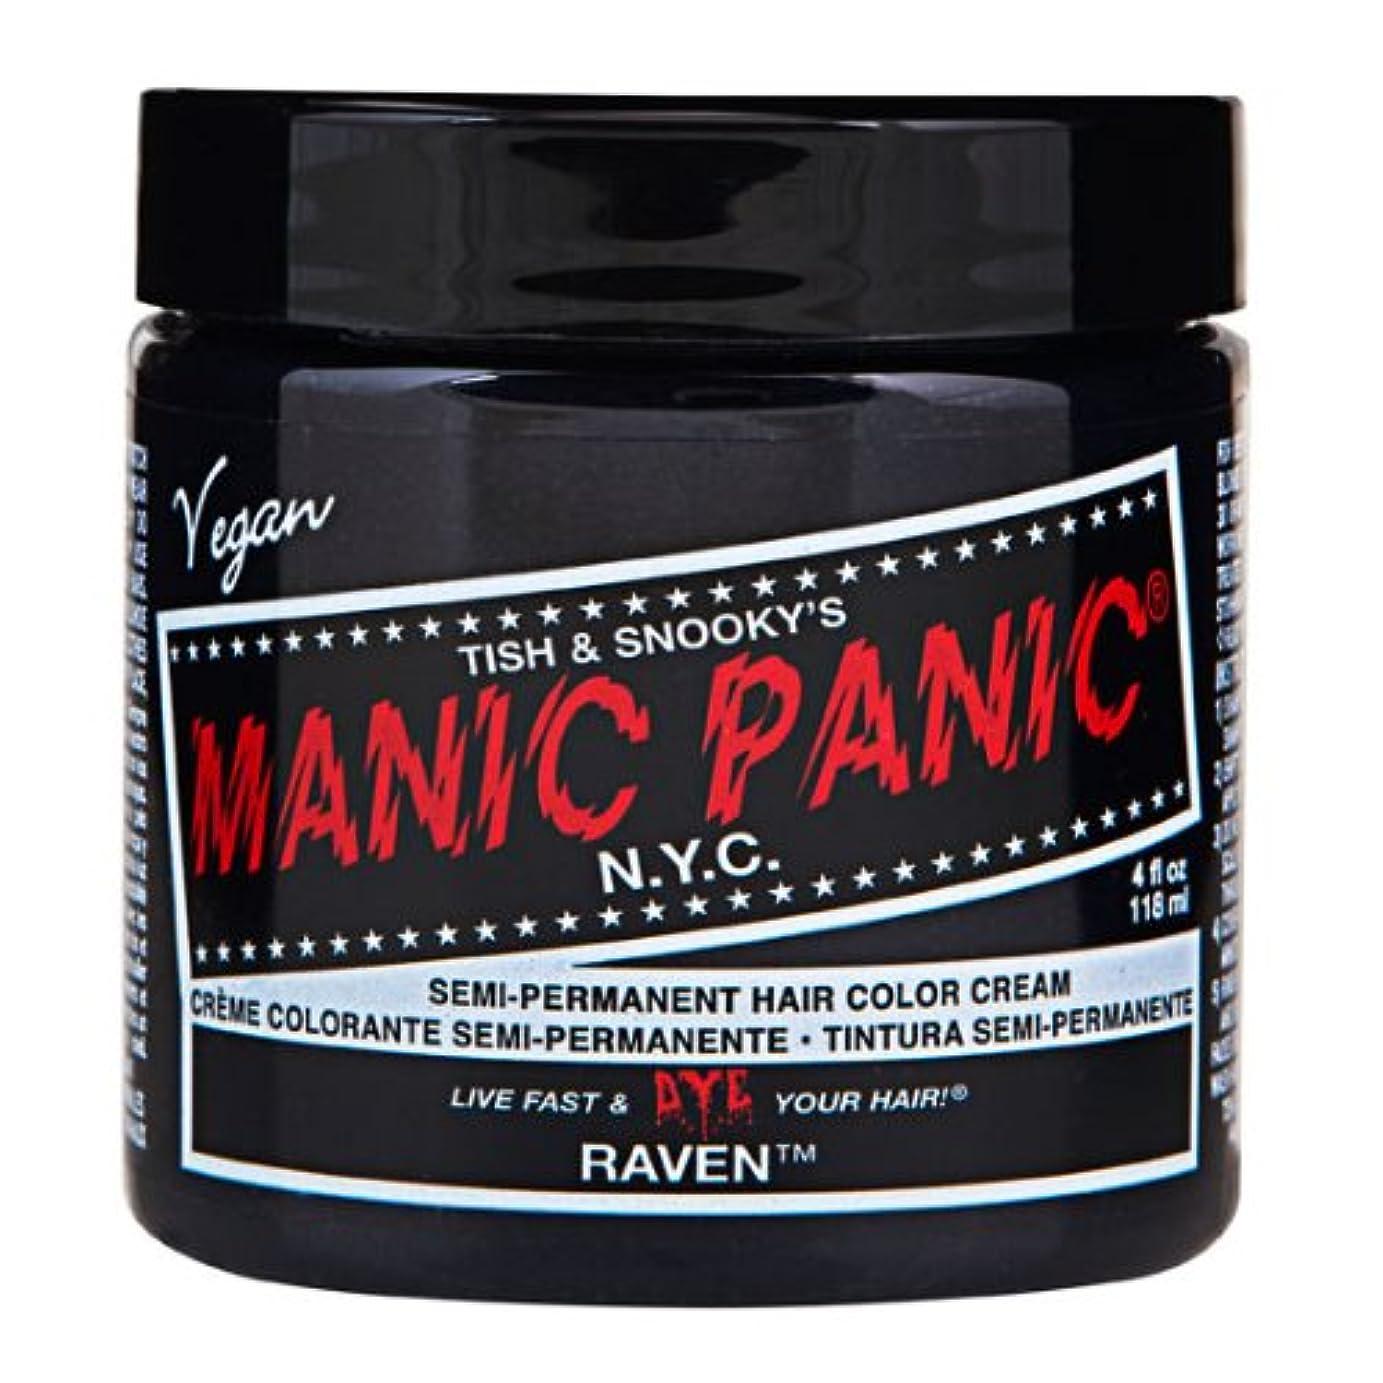 農夫周術期エンティティスペシャルセットMANIC PANICマニックパニック:Raven (レイヴァン)+ヘアカラーケア4点セット